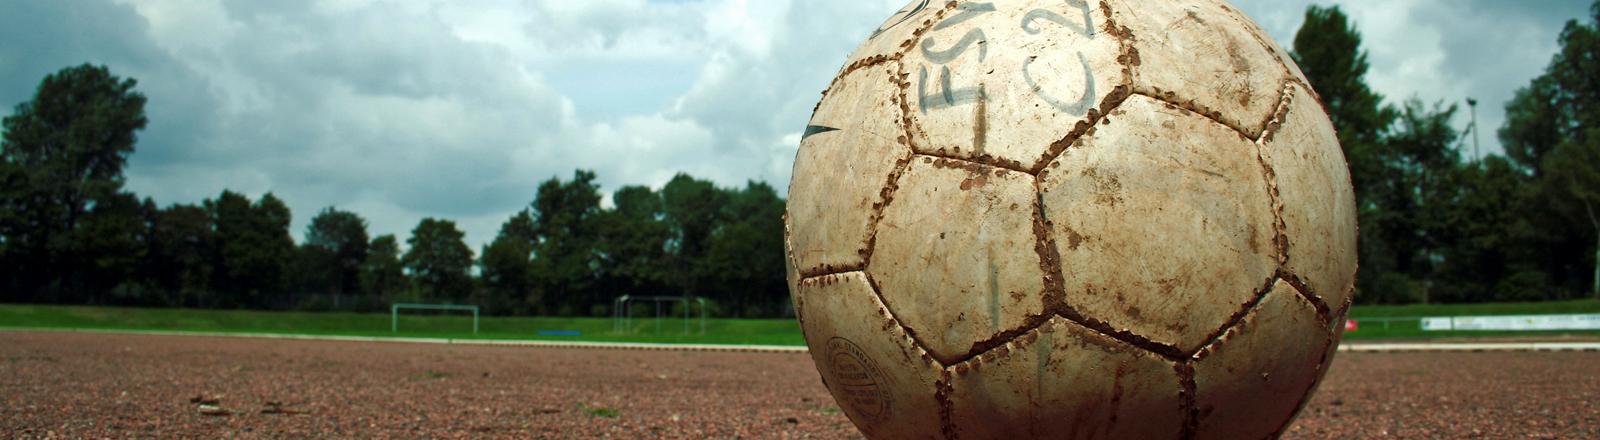 Ein Fußball.